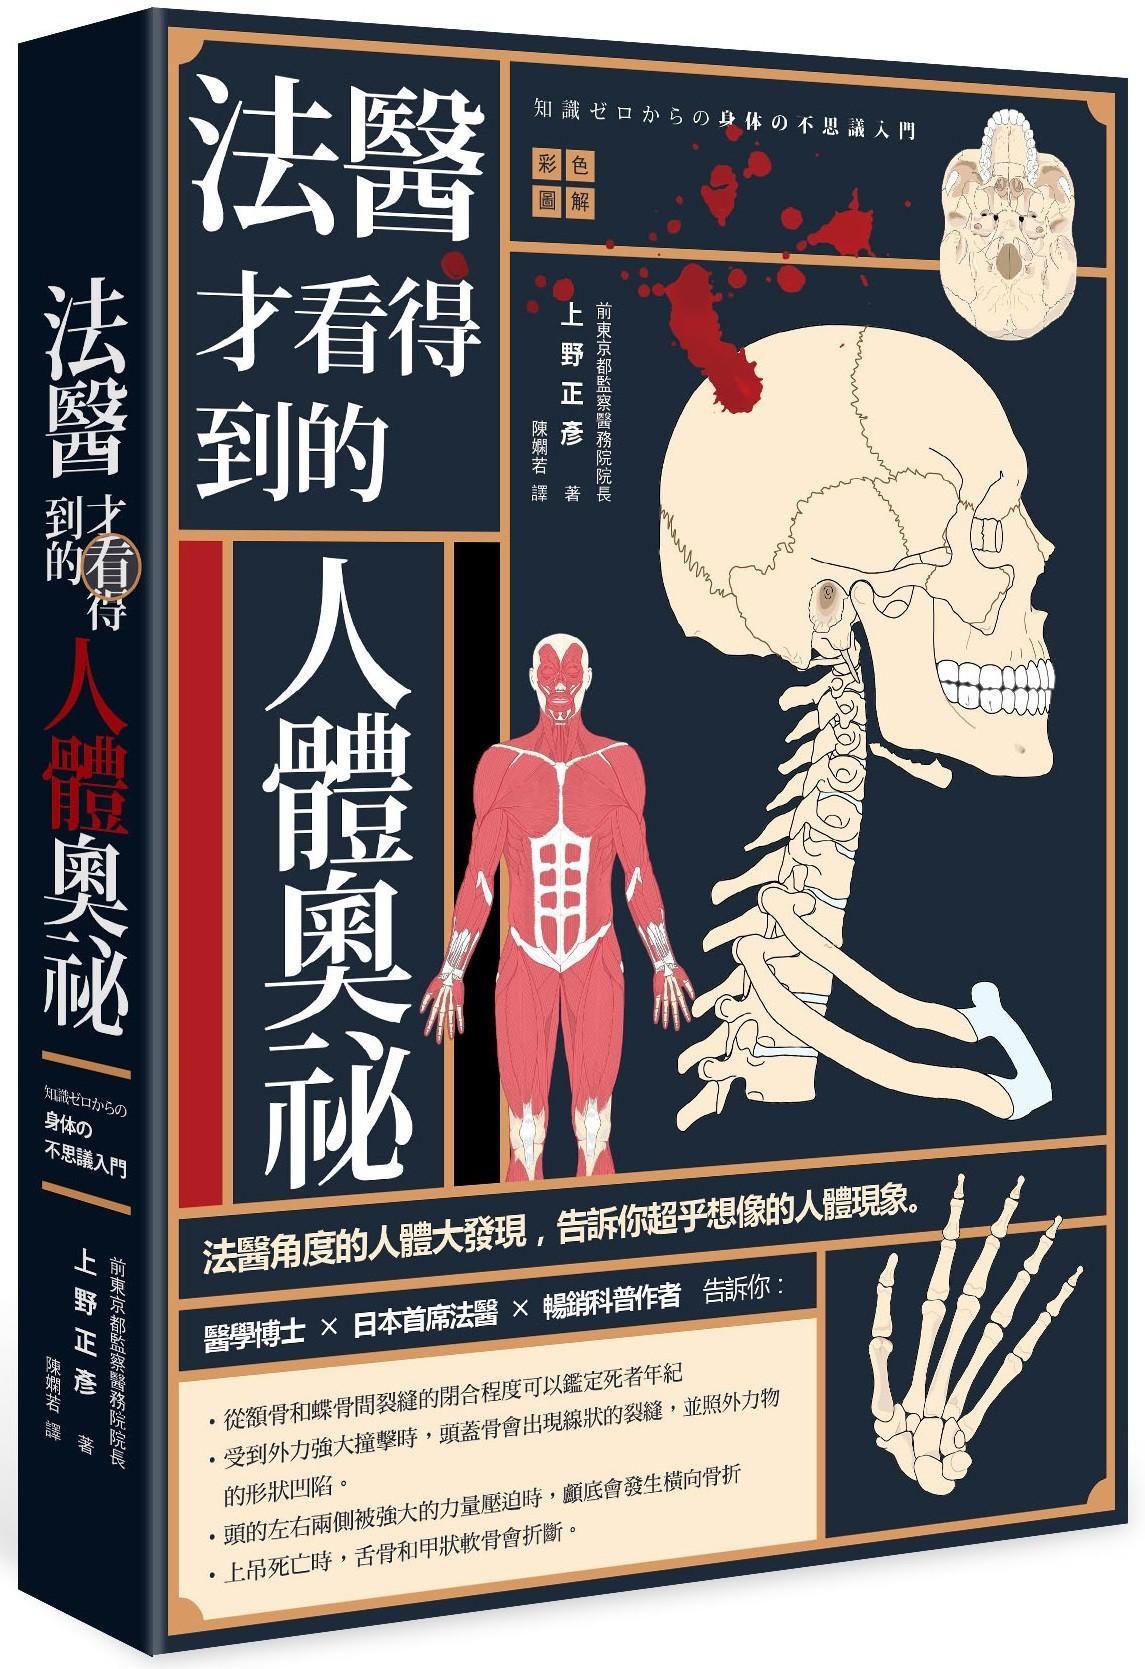 ▲《法醫才看得到的人體奧祕(彩繪圖解)》 。(圖/如果出版社提供)